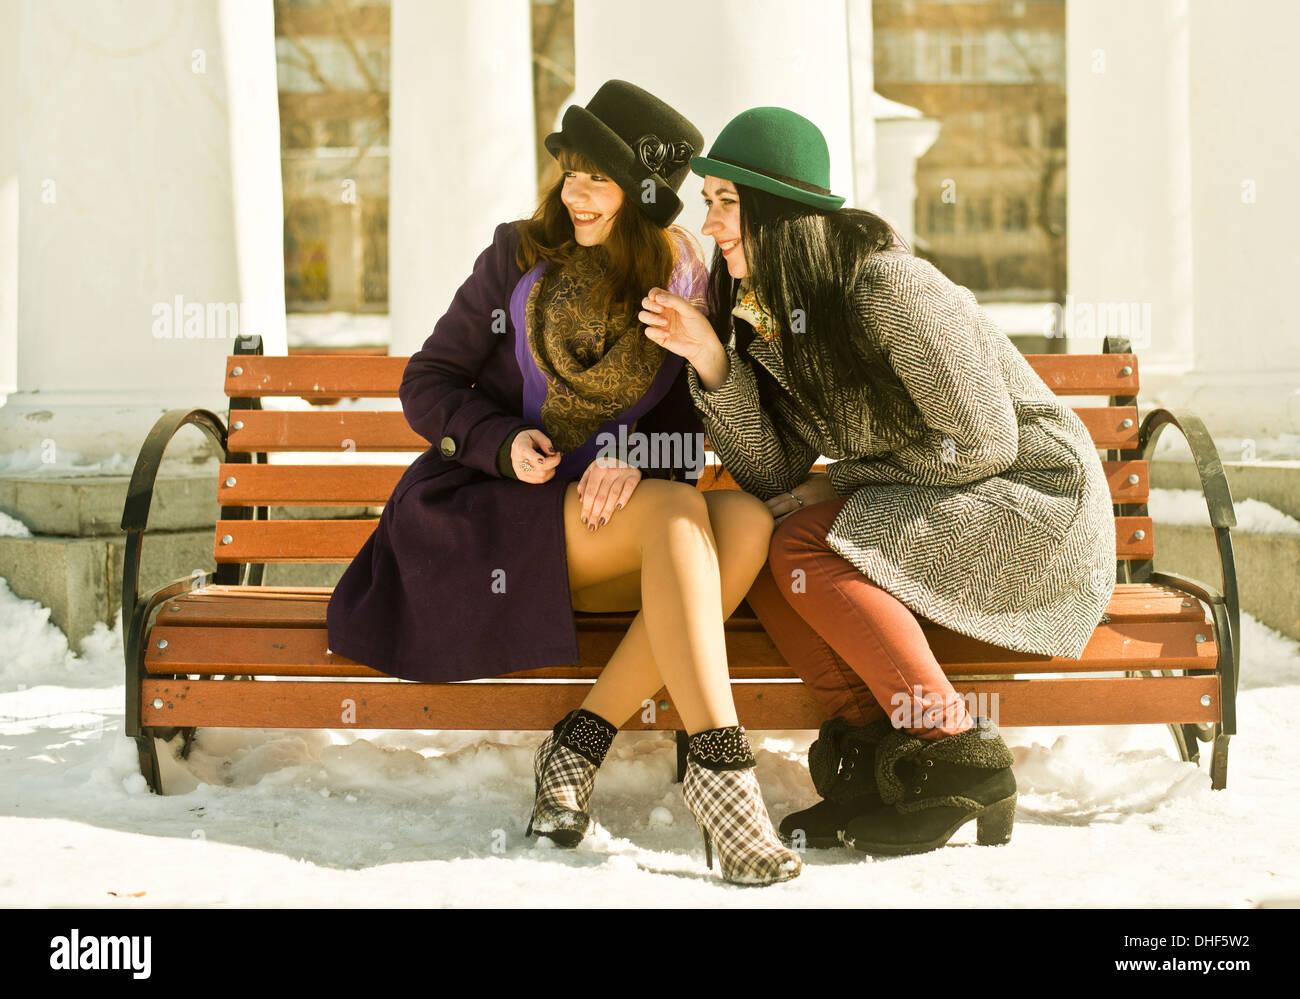 Dos jóvenes mujeres sentadas en un banco del parque en la nieve Imagen De Stock